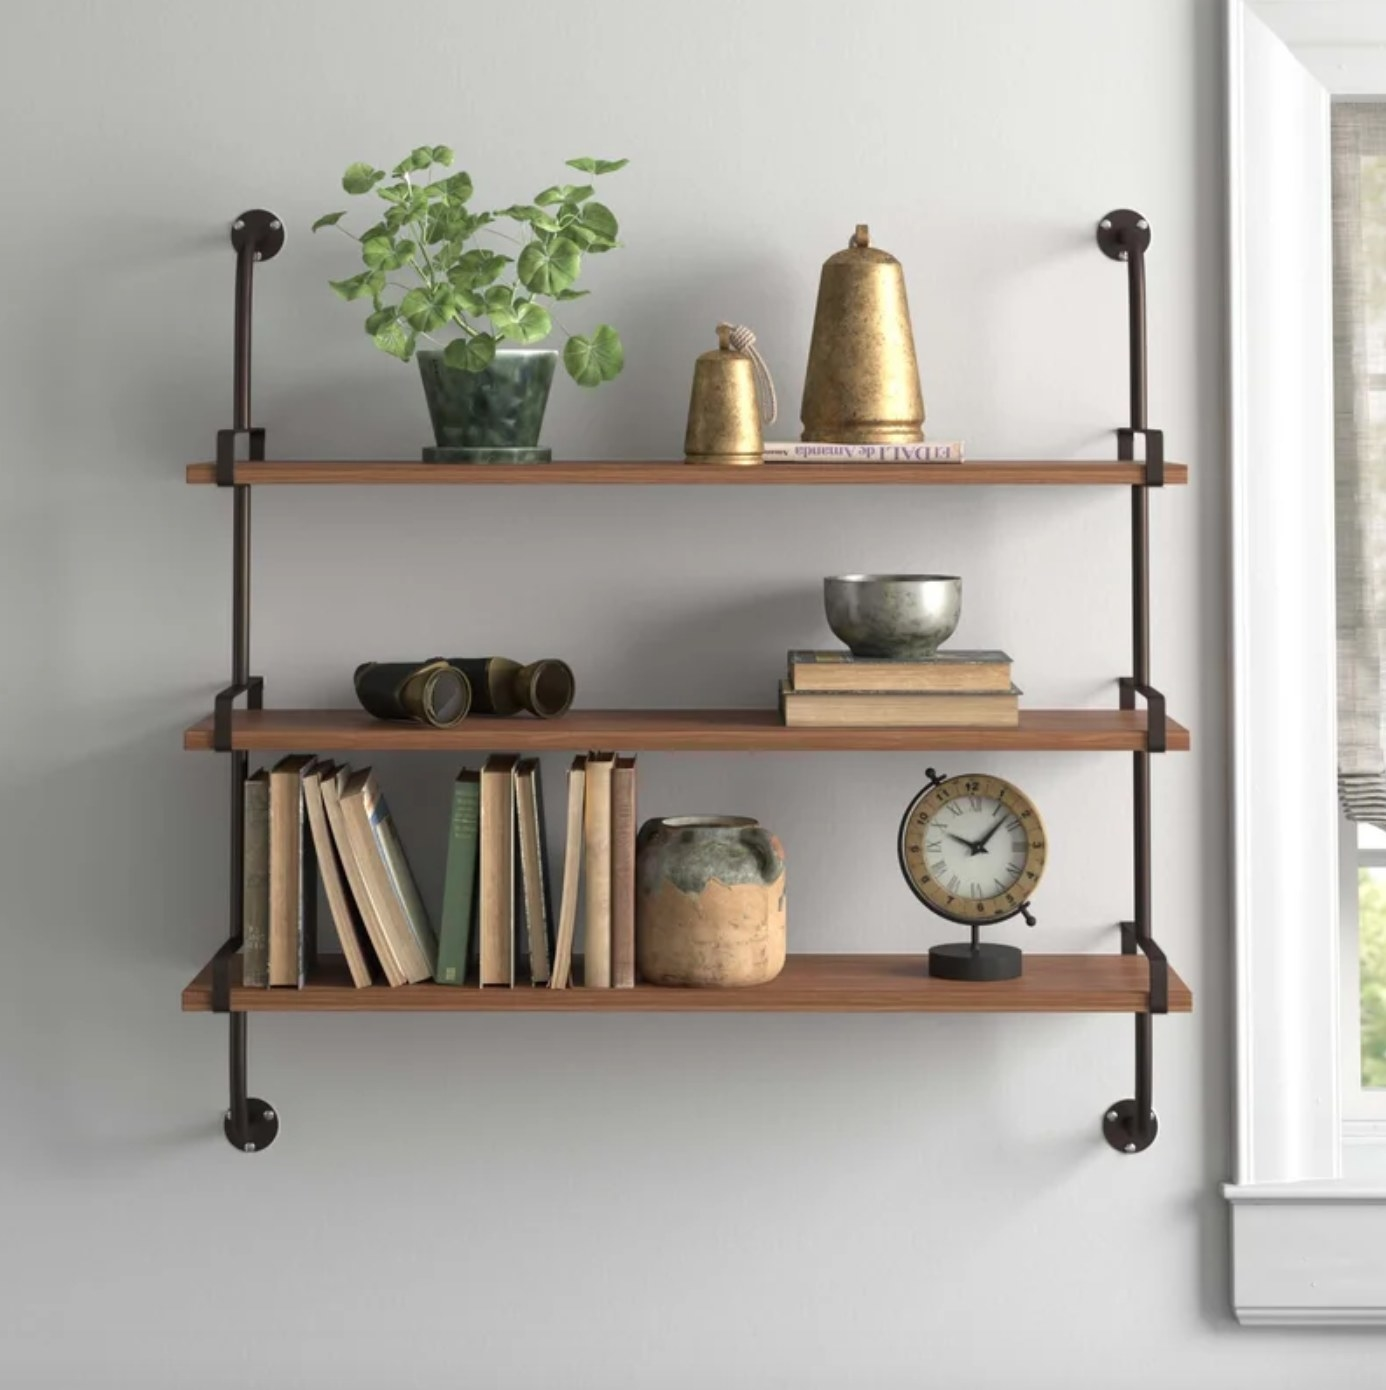 The wood wall shelf